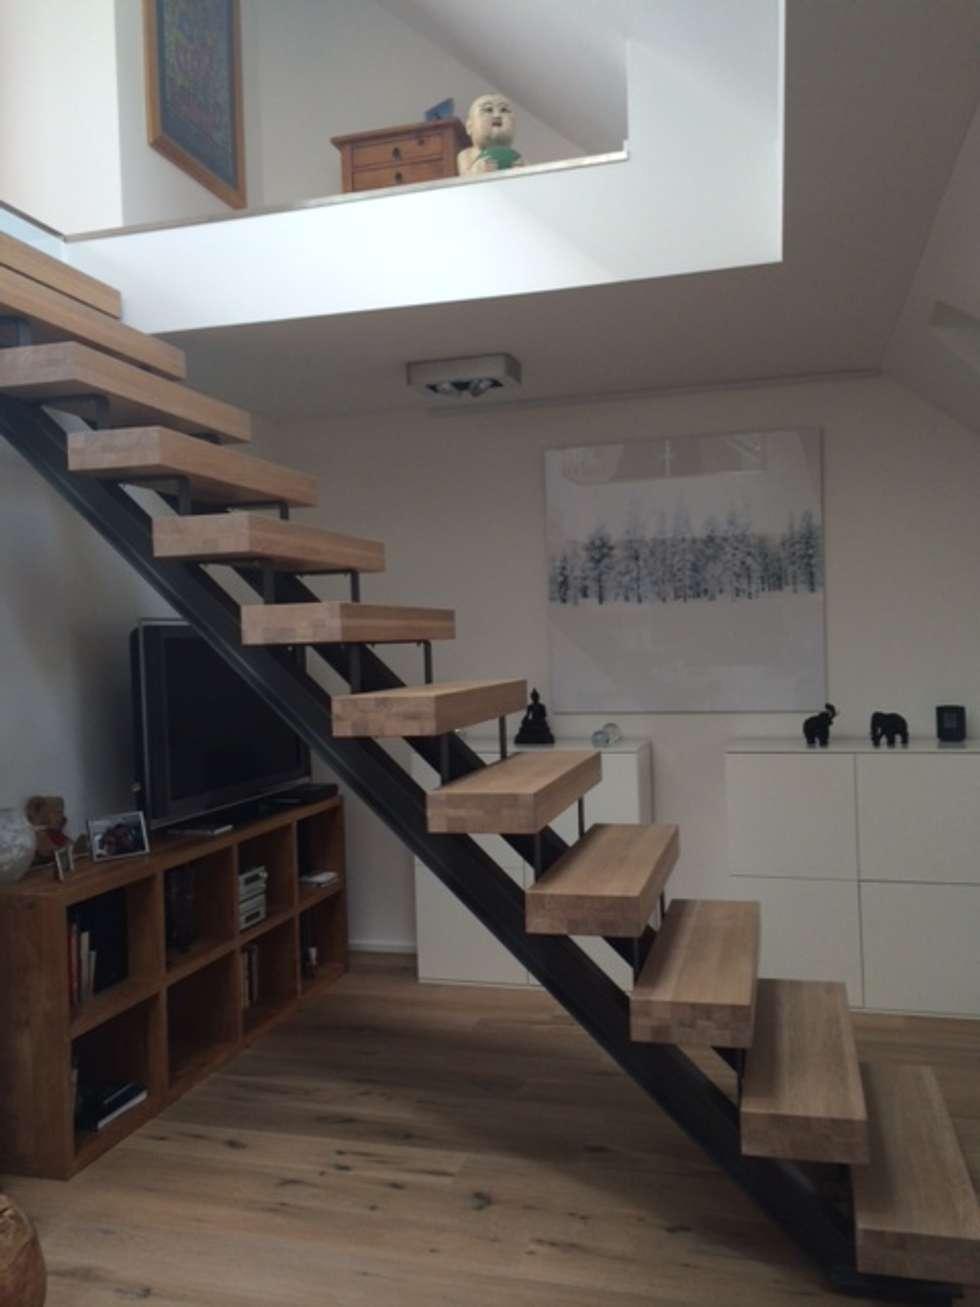 Treppe in spitzboden: moderne wohnzimmer von treppenbau biehler | homify